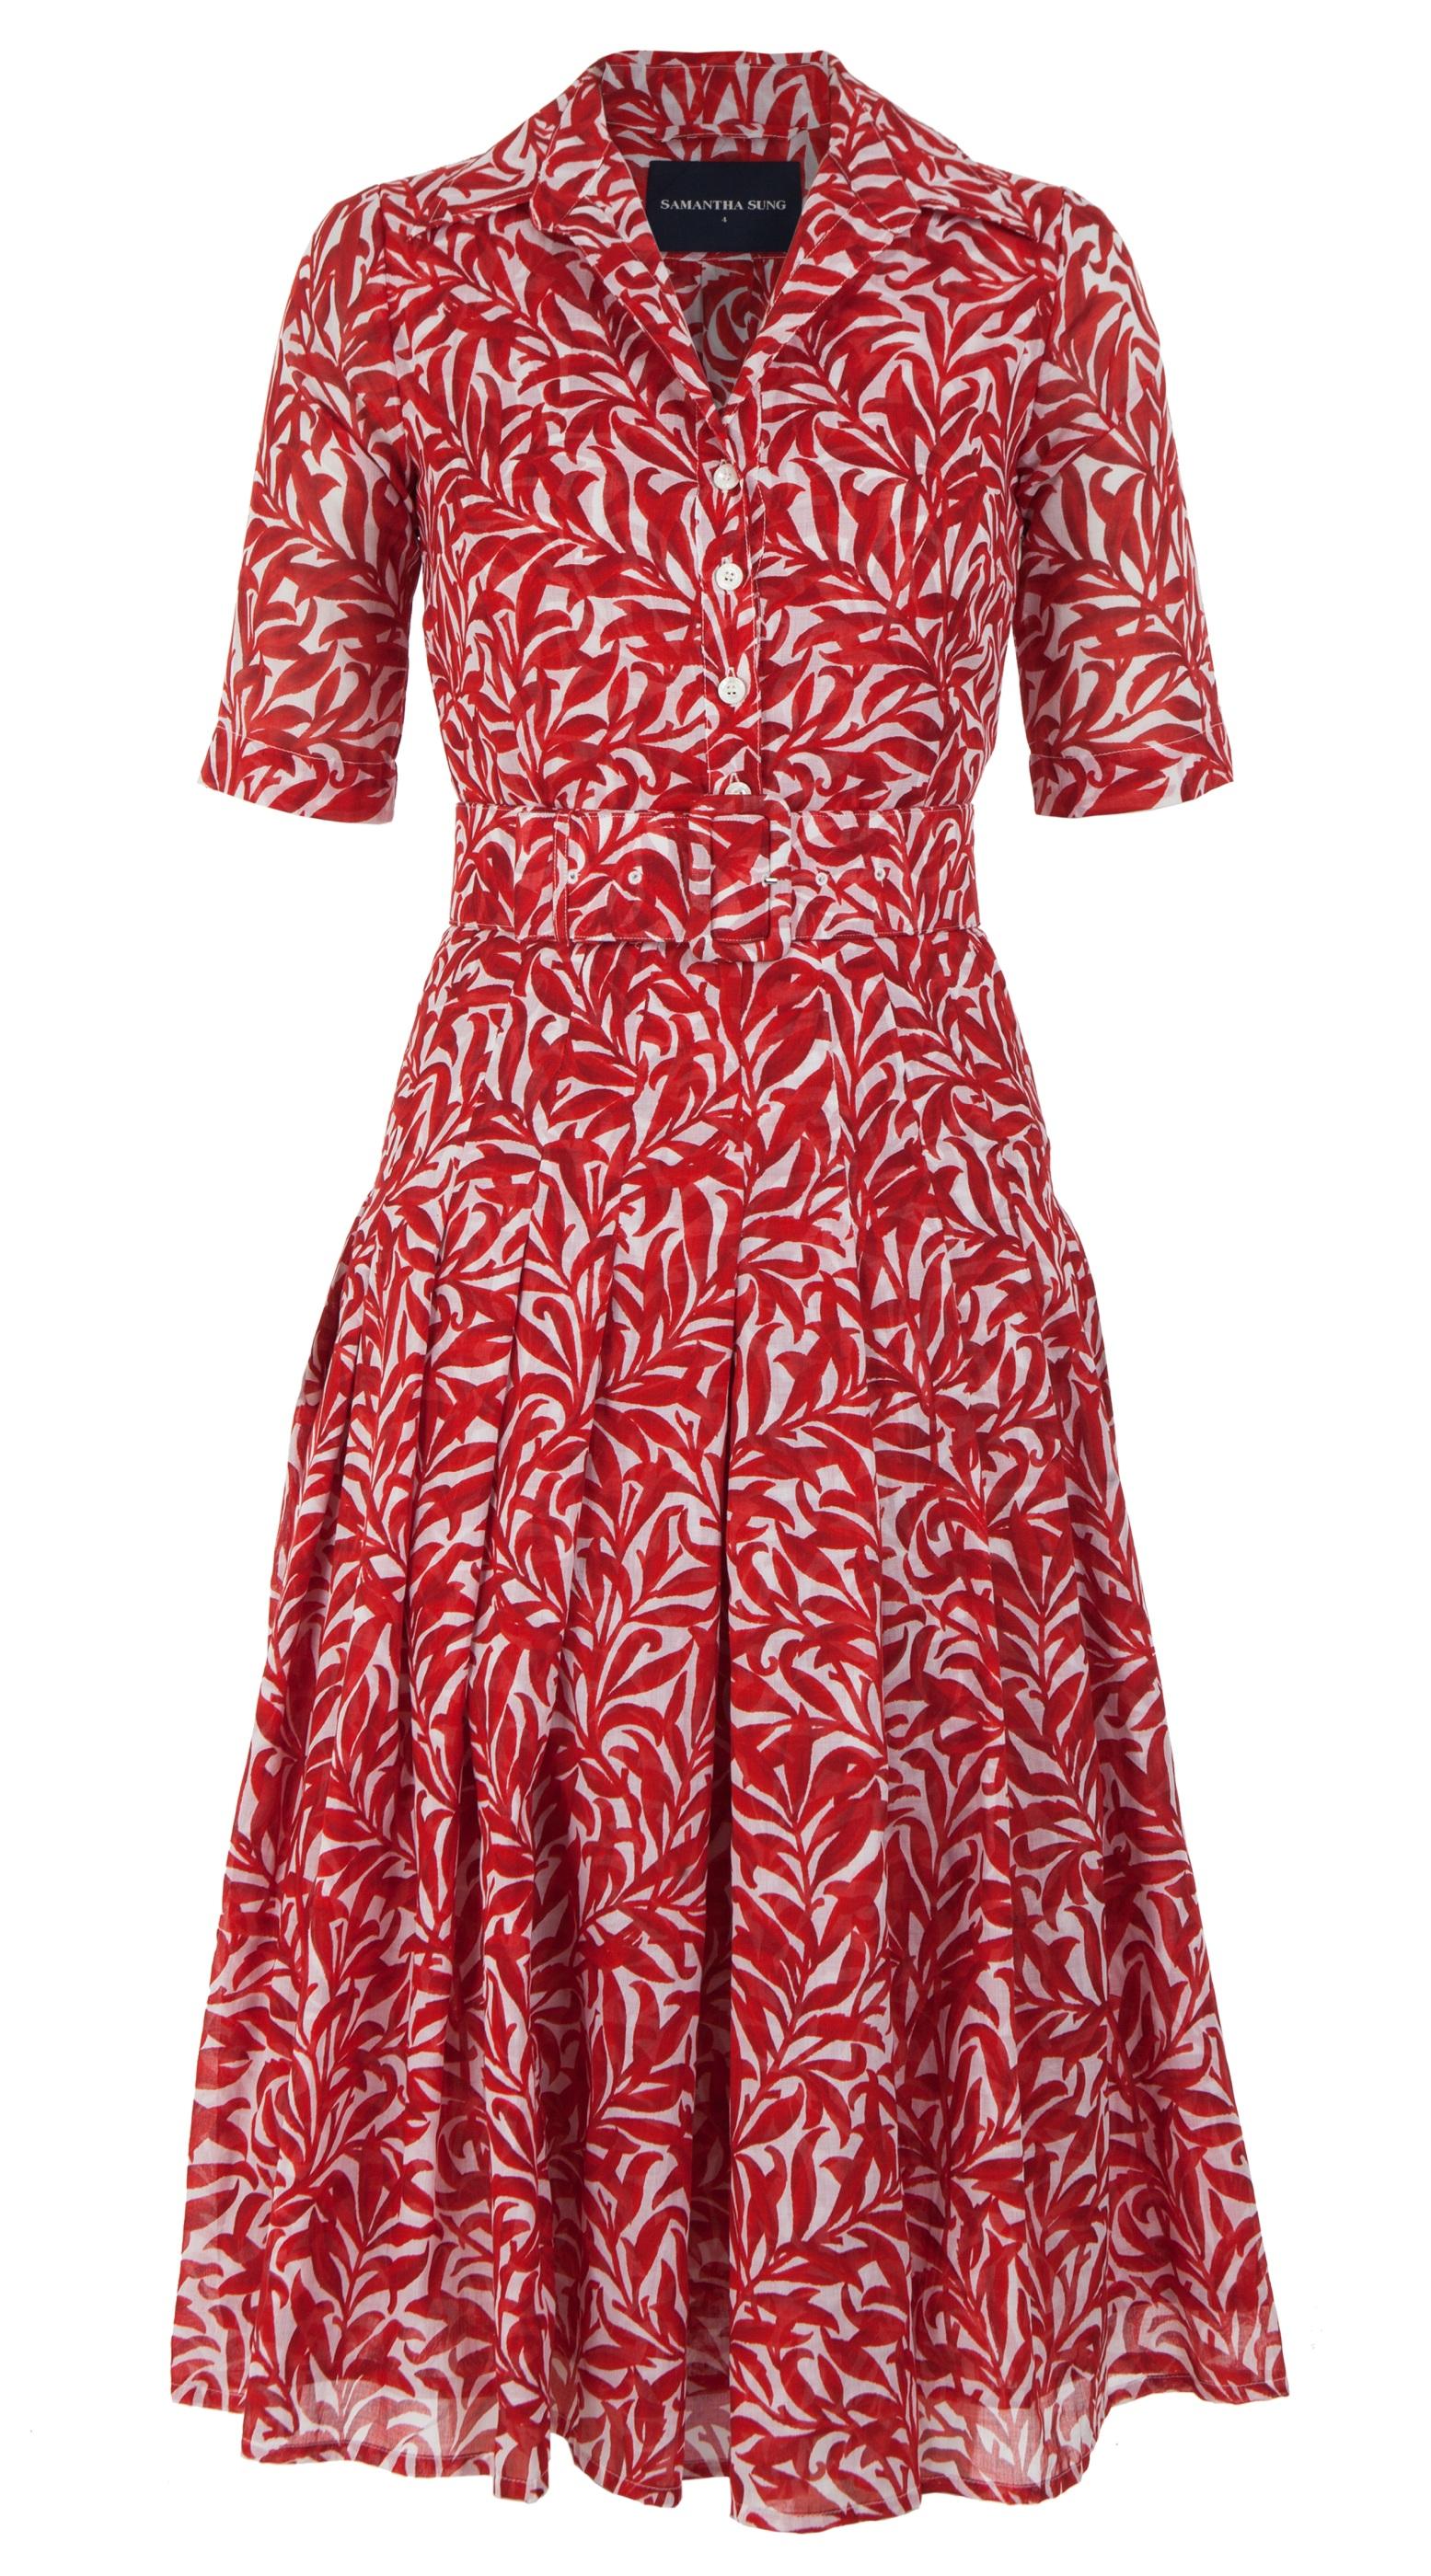 Morris Leaves_White Red_Zeller Dress Shirt Collar 1-2 Sleeve_Midi_Musola_Front-2